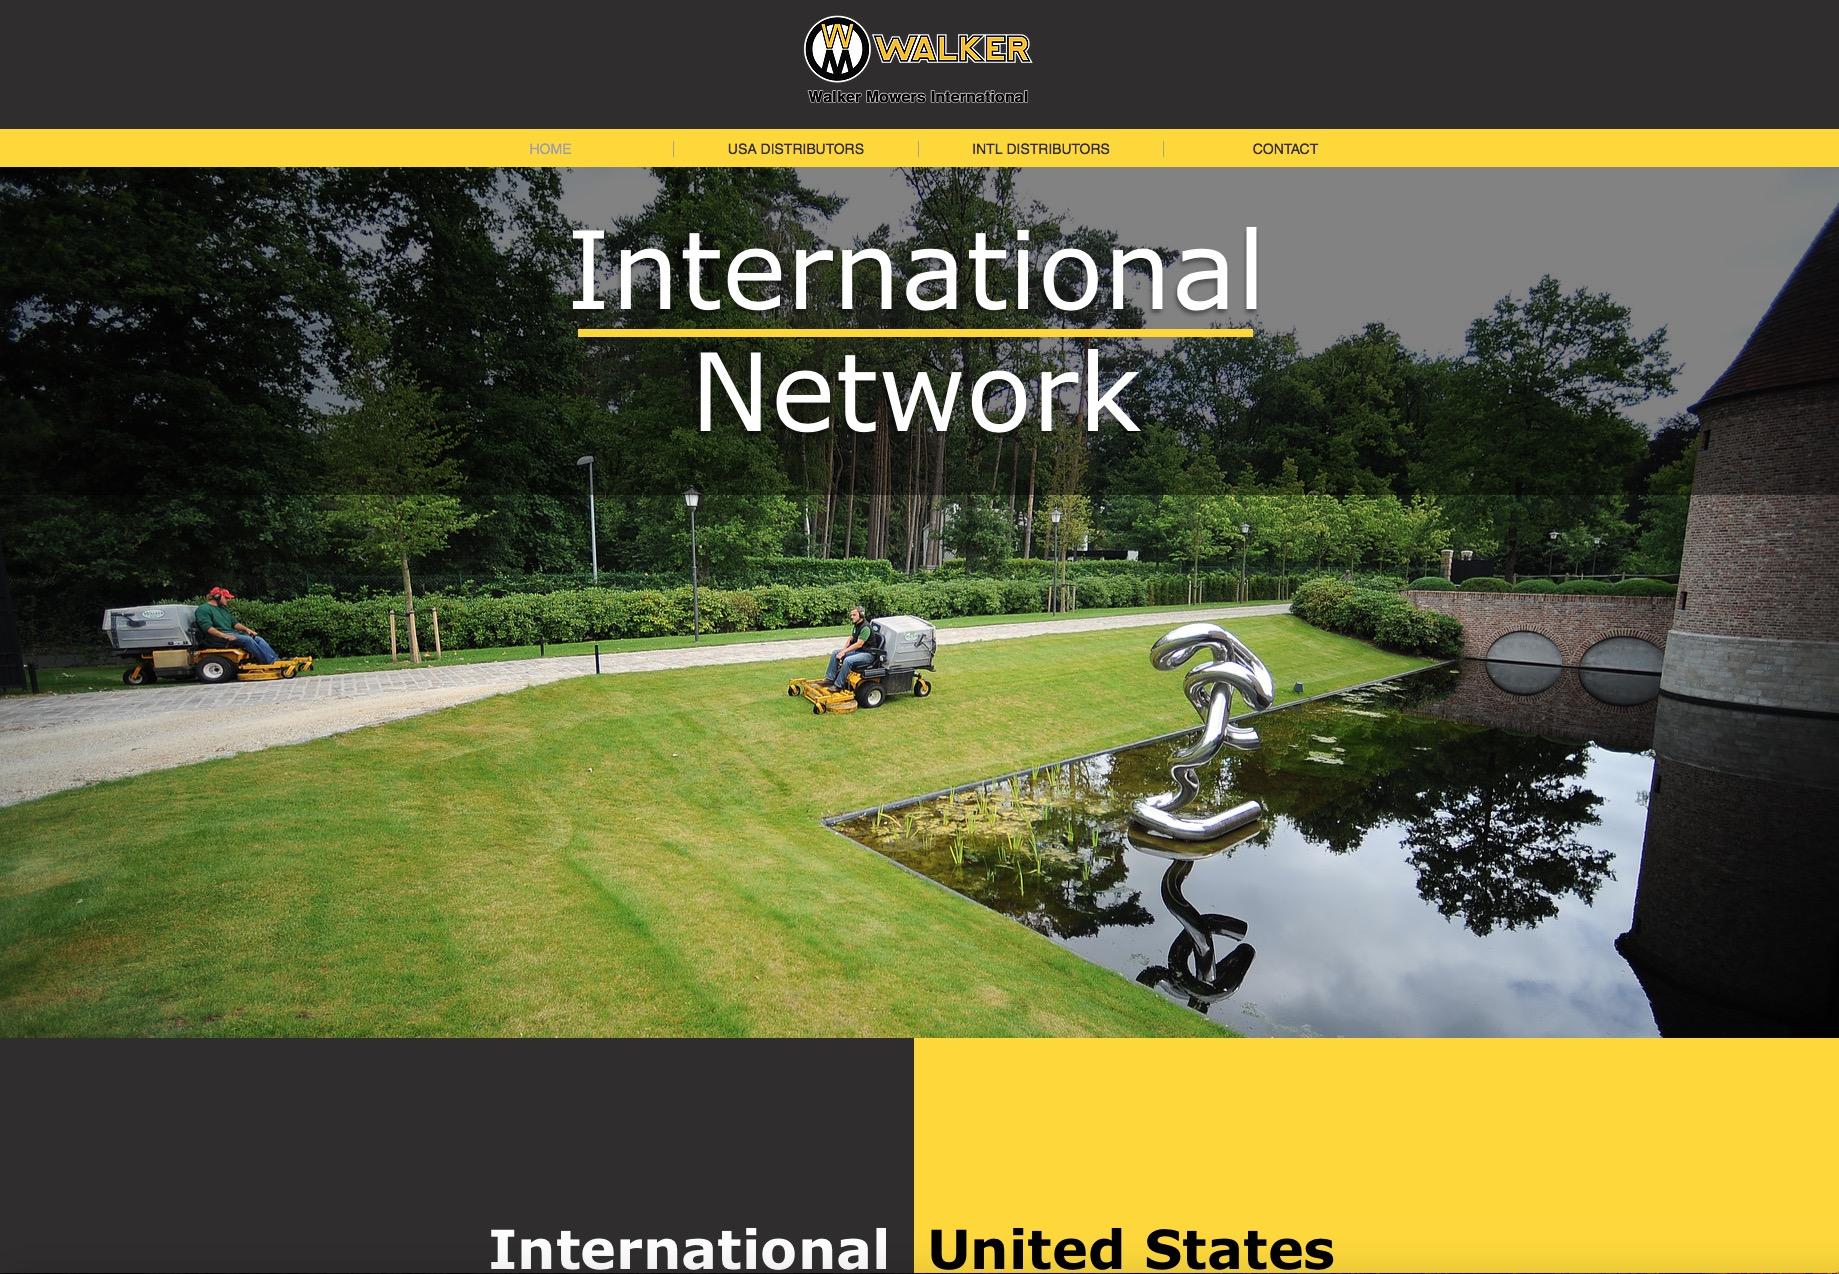 Walker-intl.com